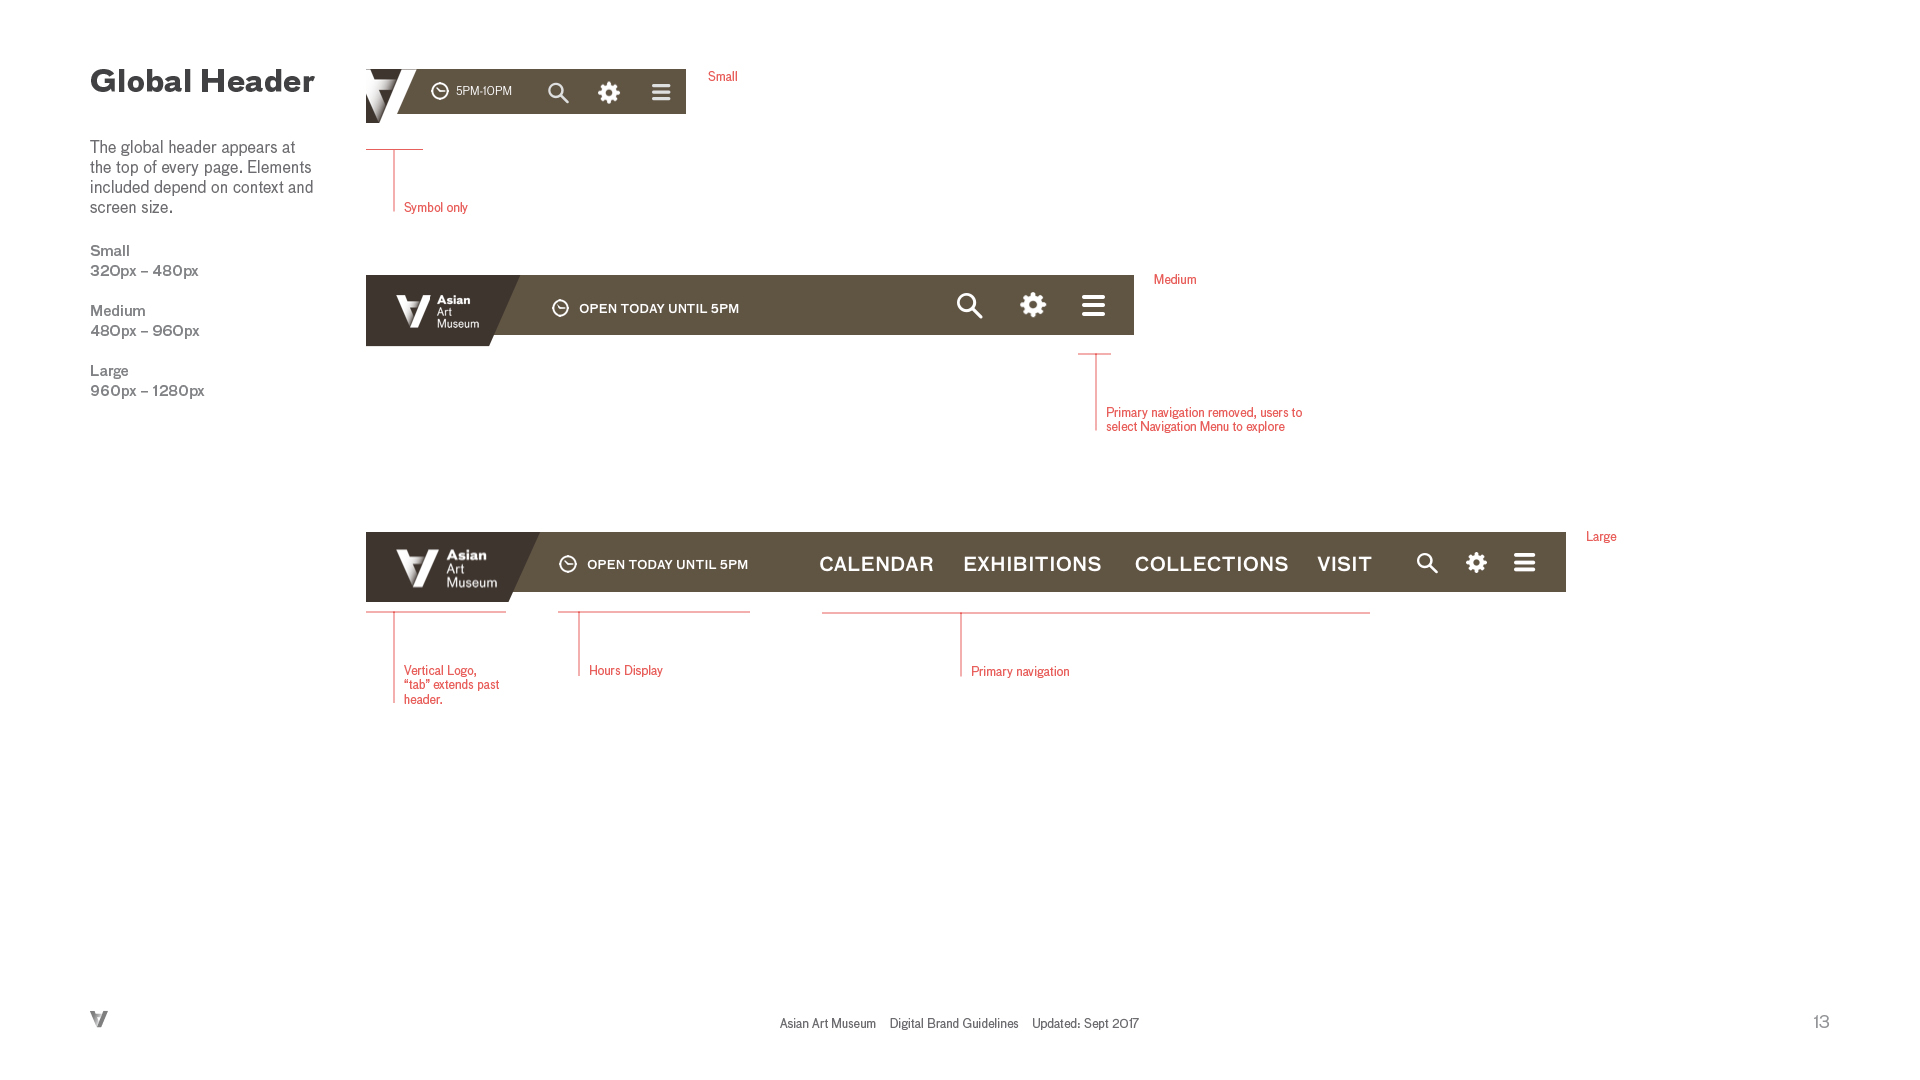 AAM-Digital Brand Guide_v1_r1313.jpg